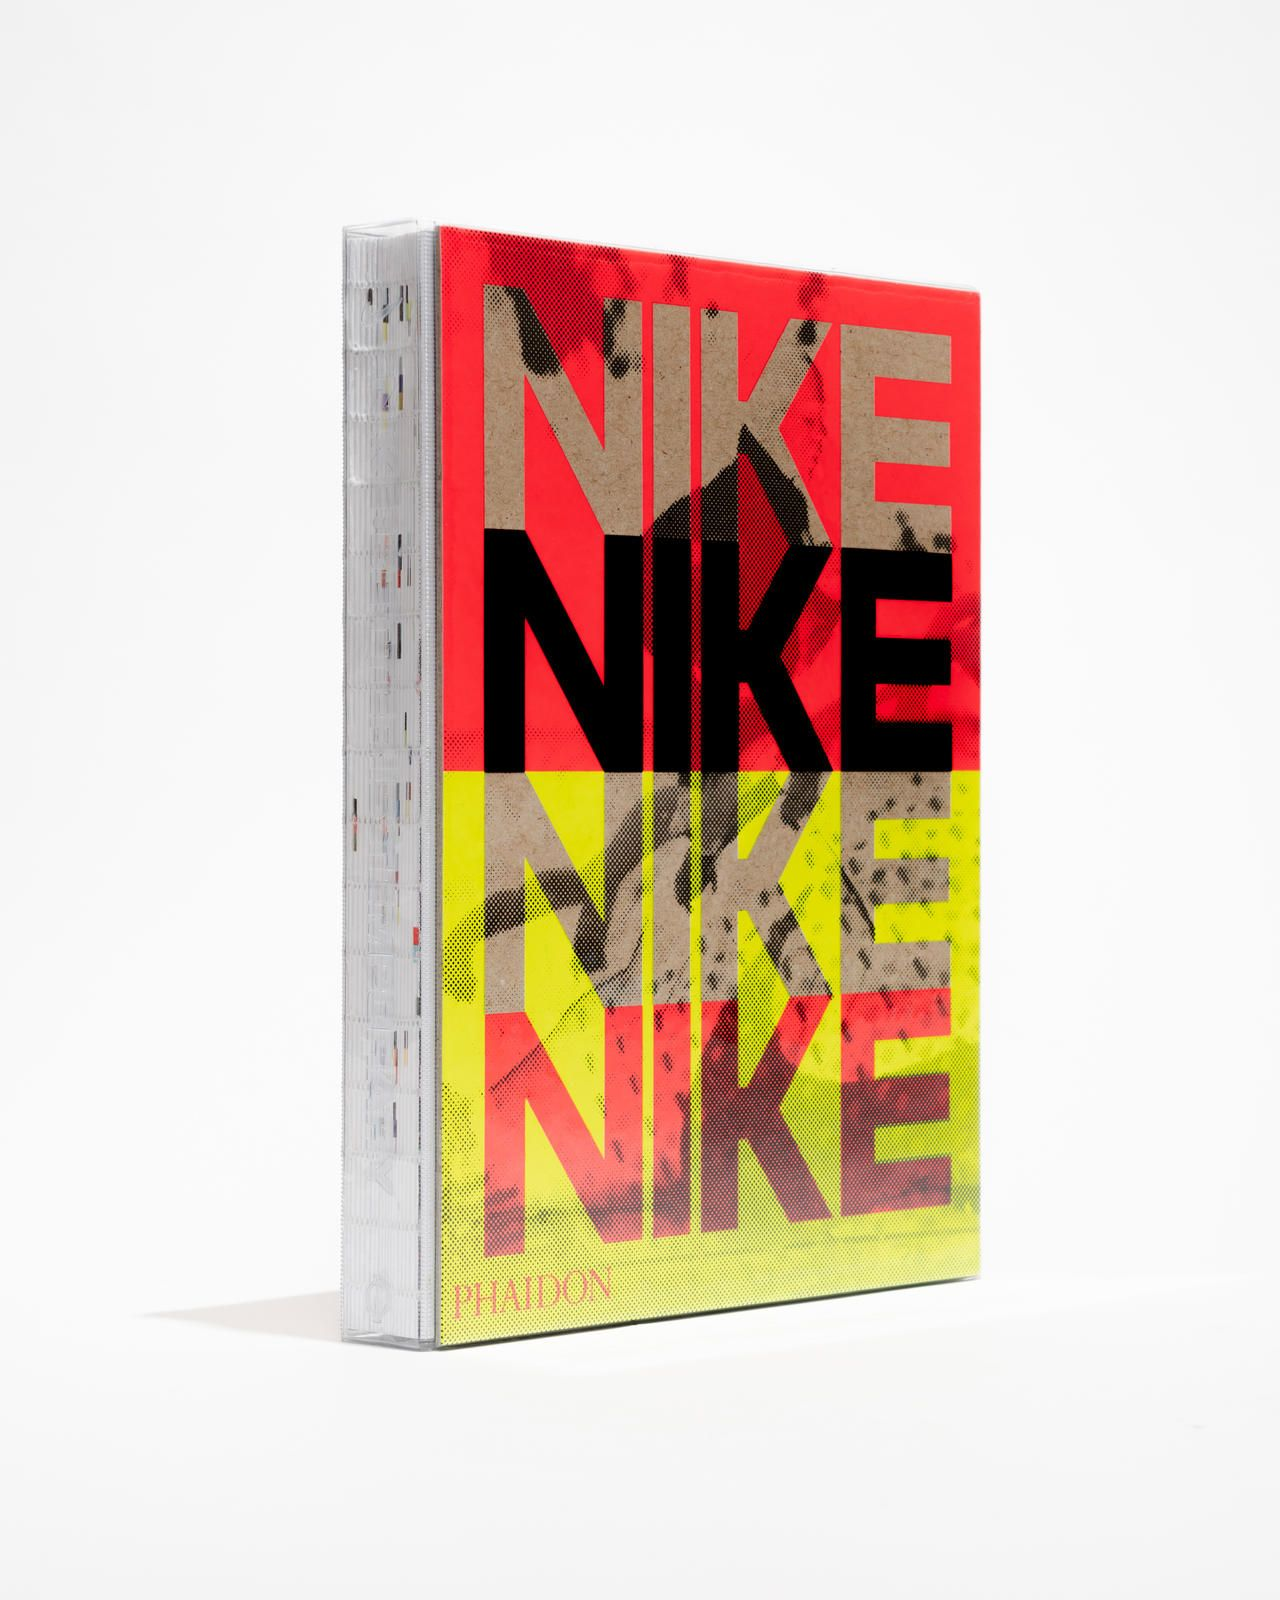 Nike: Better is Temporary | Inside Nike's Design Ethos